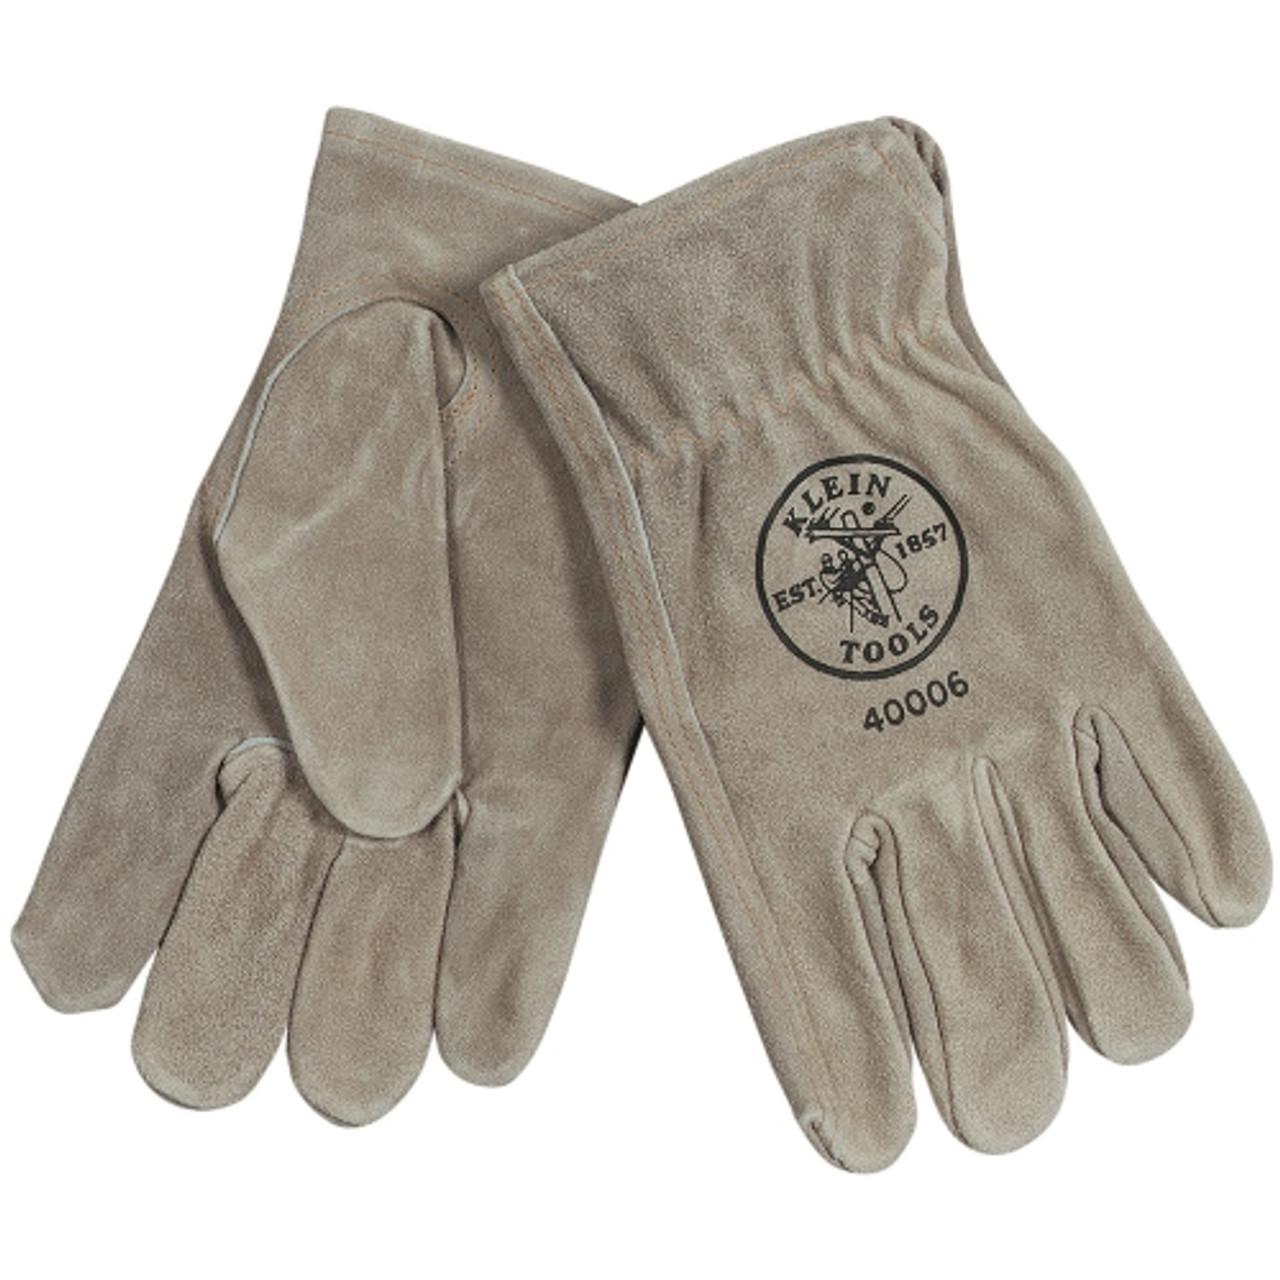 Klein 40004 Cowhide Drivers Gloves Medium